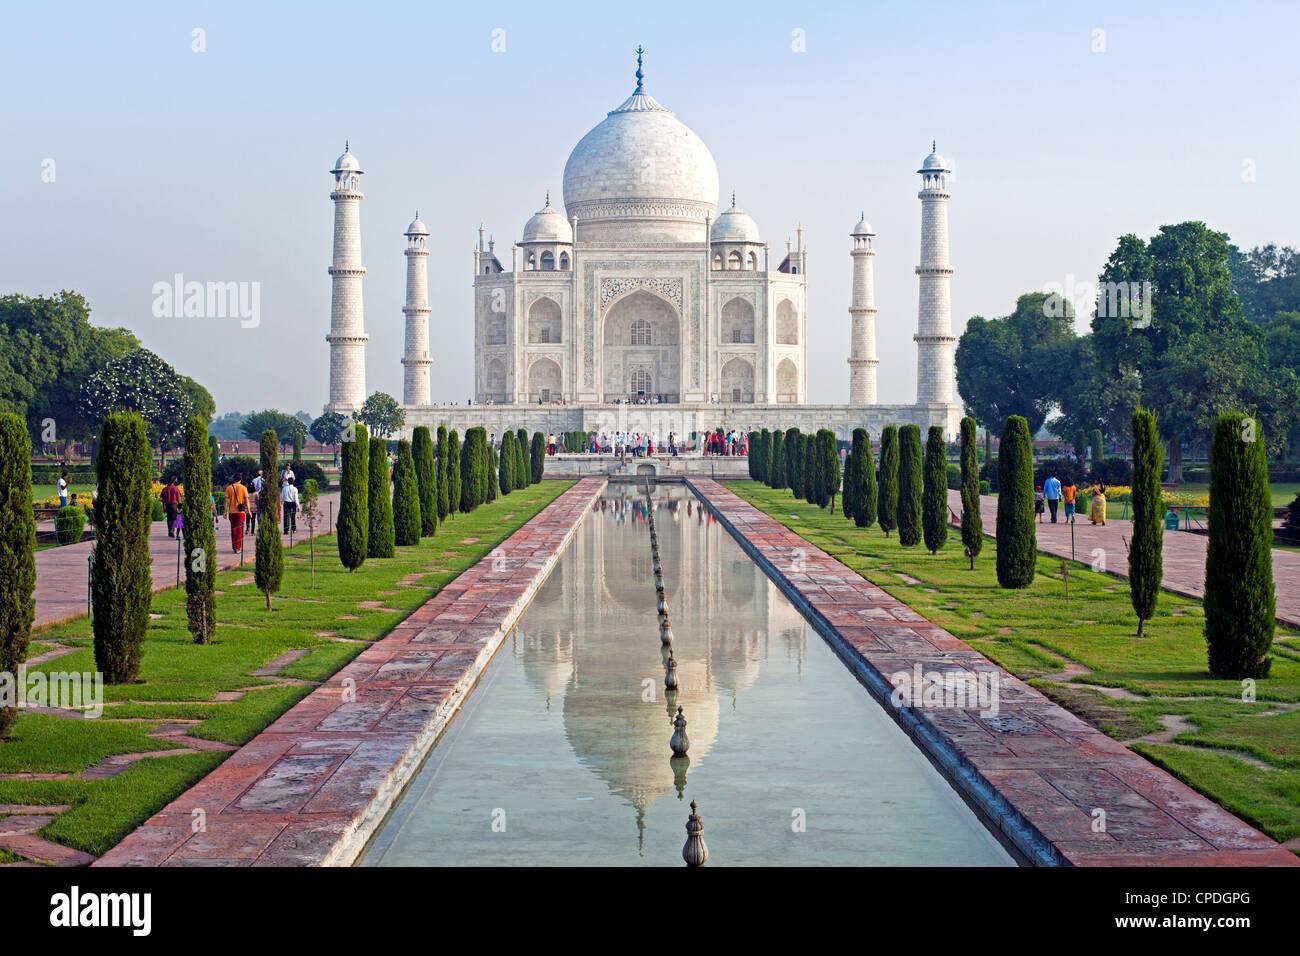 Taj Mahal, Patrimonio Mundial de la UNESCO, Agra, estado de Uttar Pradesh, India, Asia Imagen De Stock